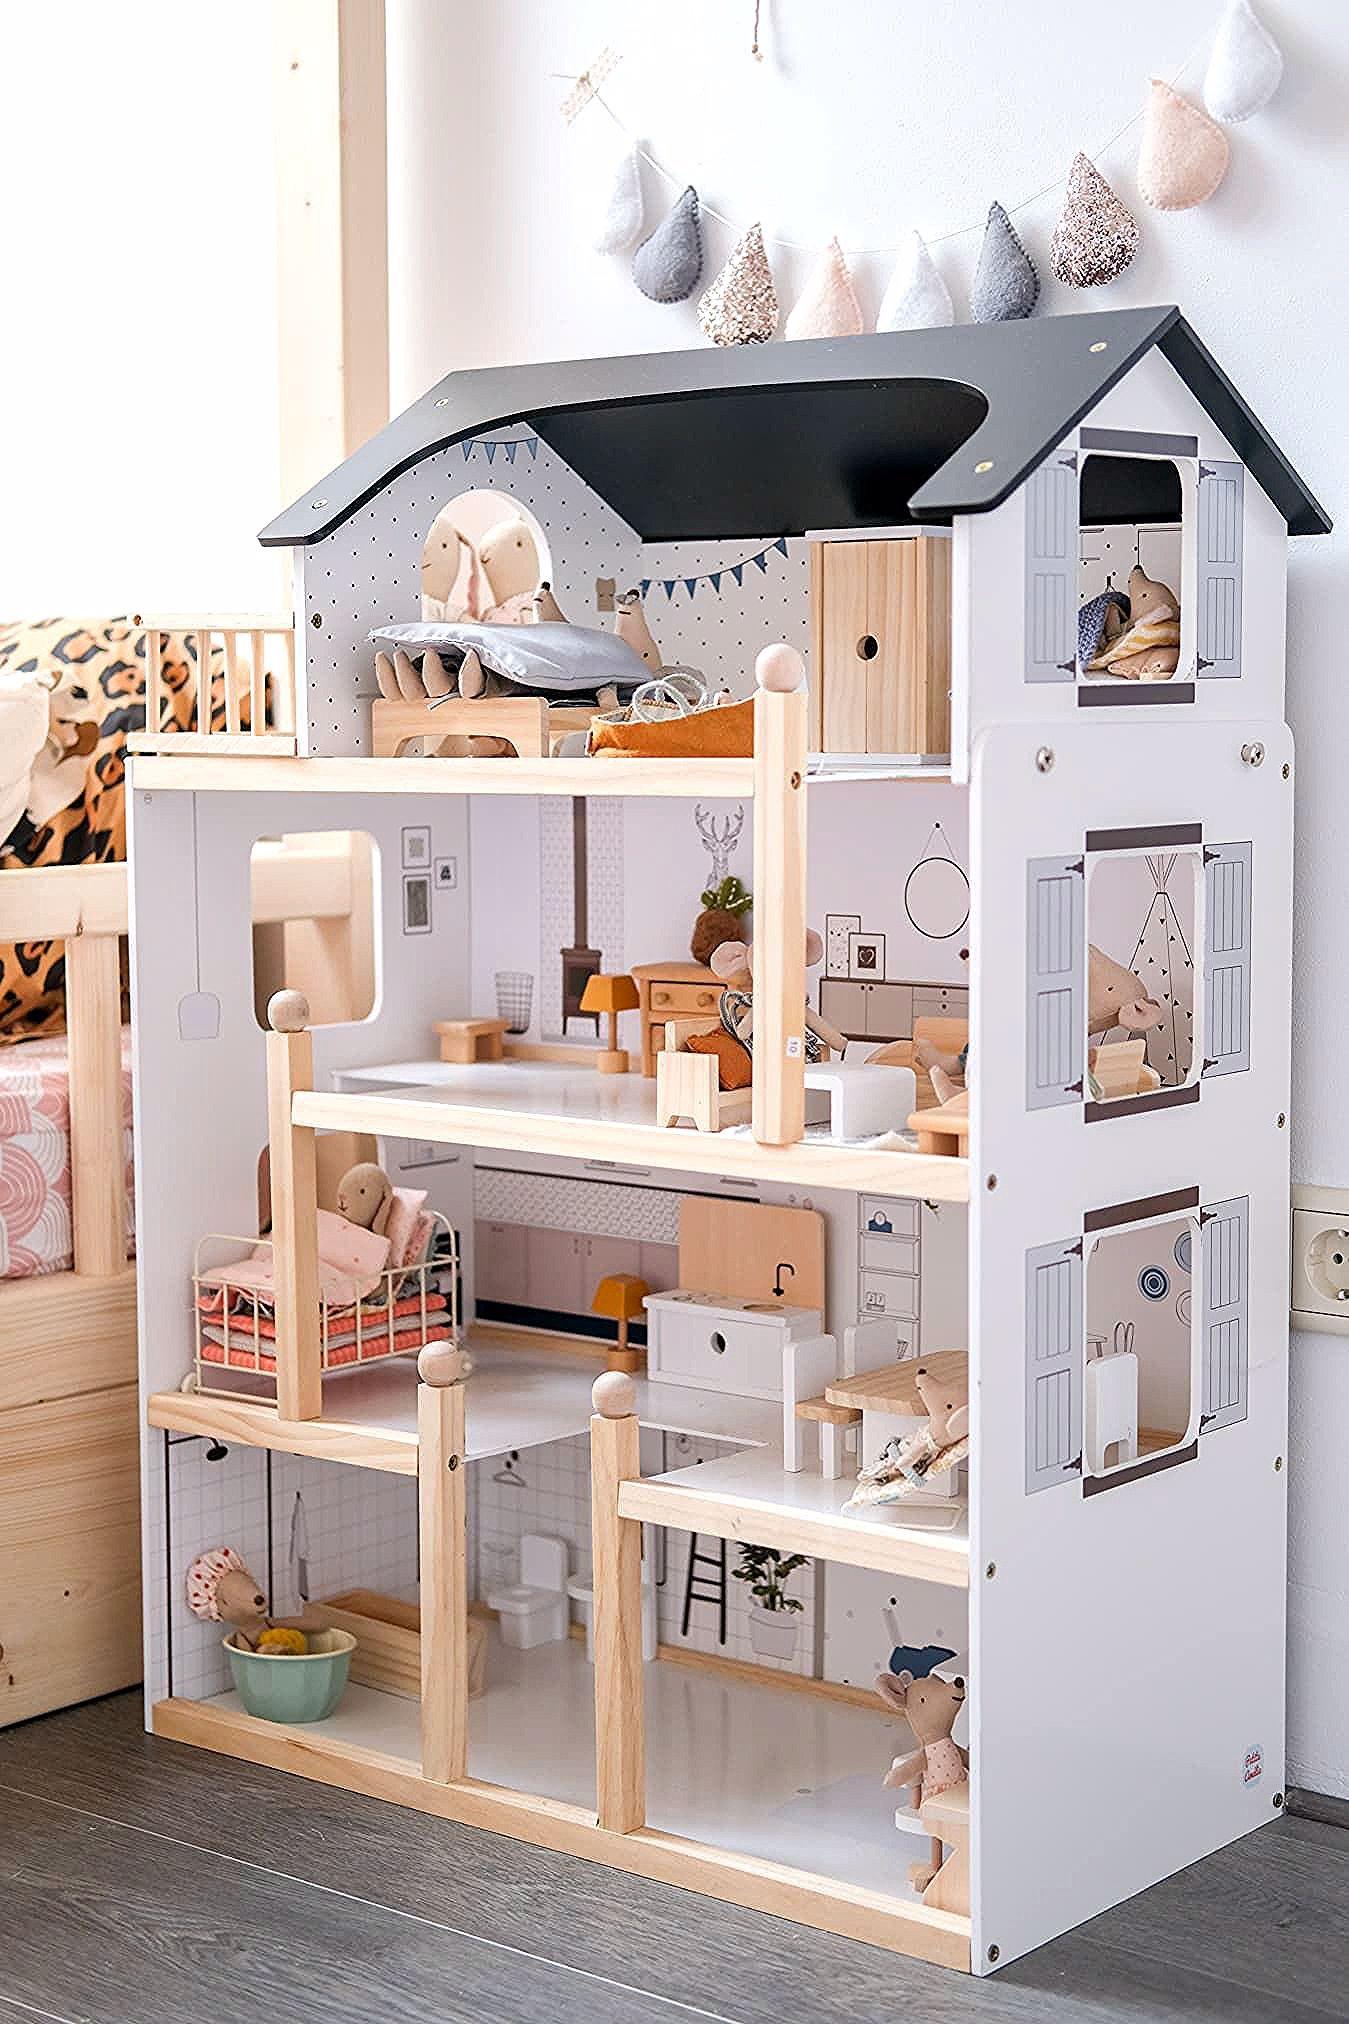 De Pinterest Waardige Meidenkamer Van Michou Dollhouse Maileg Girlsroom Kids Doll House Doll House Plans Barbie House